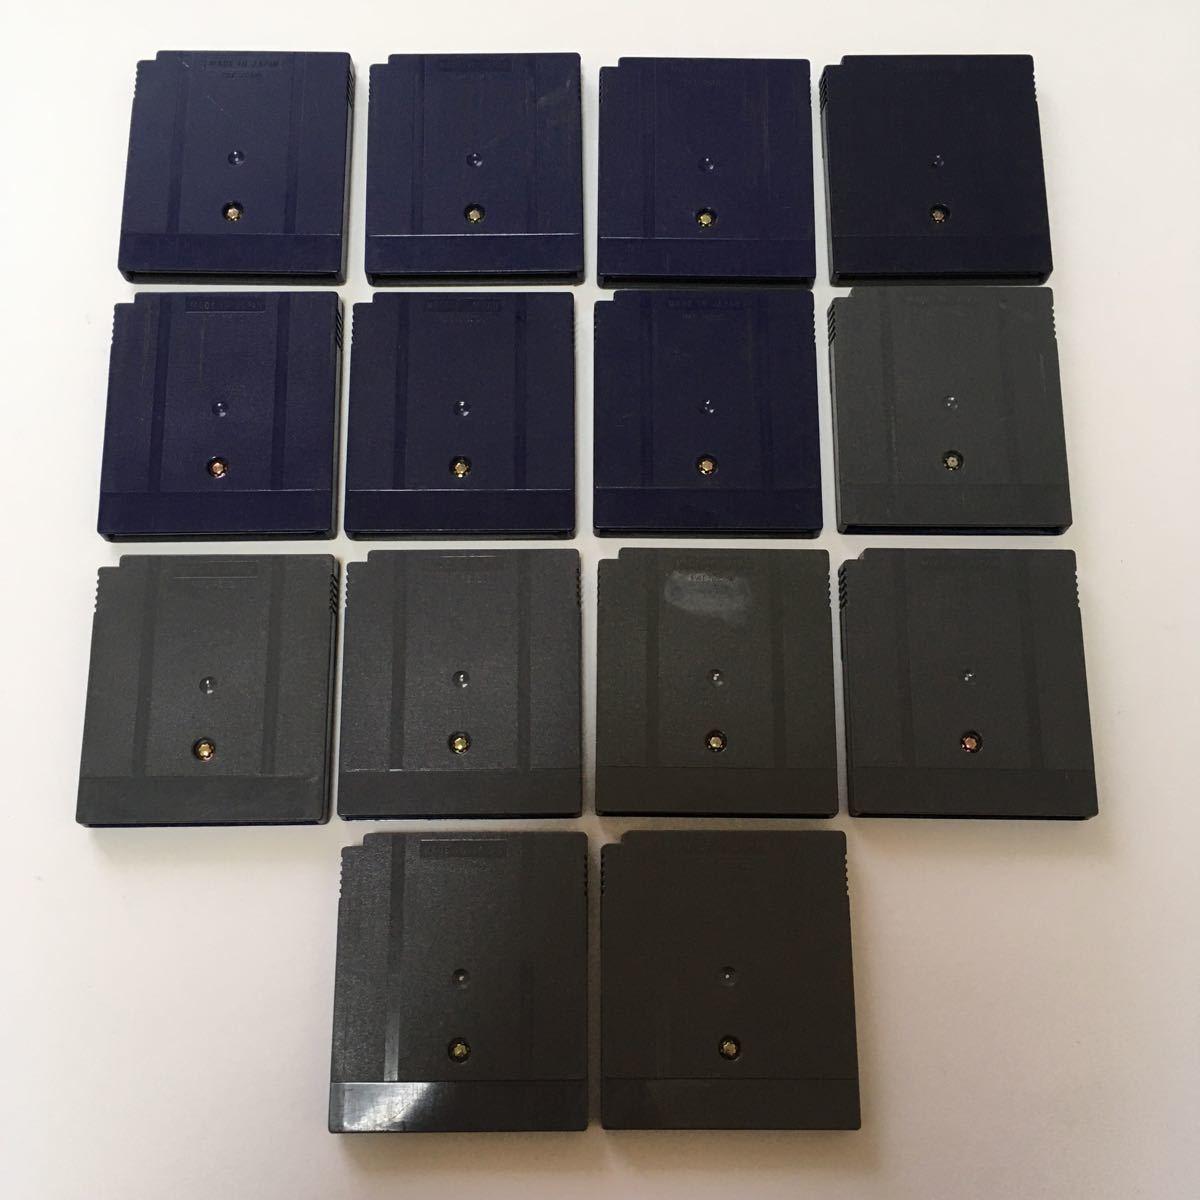 ゲームボーイカラー ソフト ポケットモンスター 金銀 動作確認済み 金銀それぞれ7つセット ポケモン カセット 任天堂 レトロ